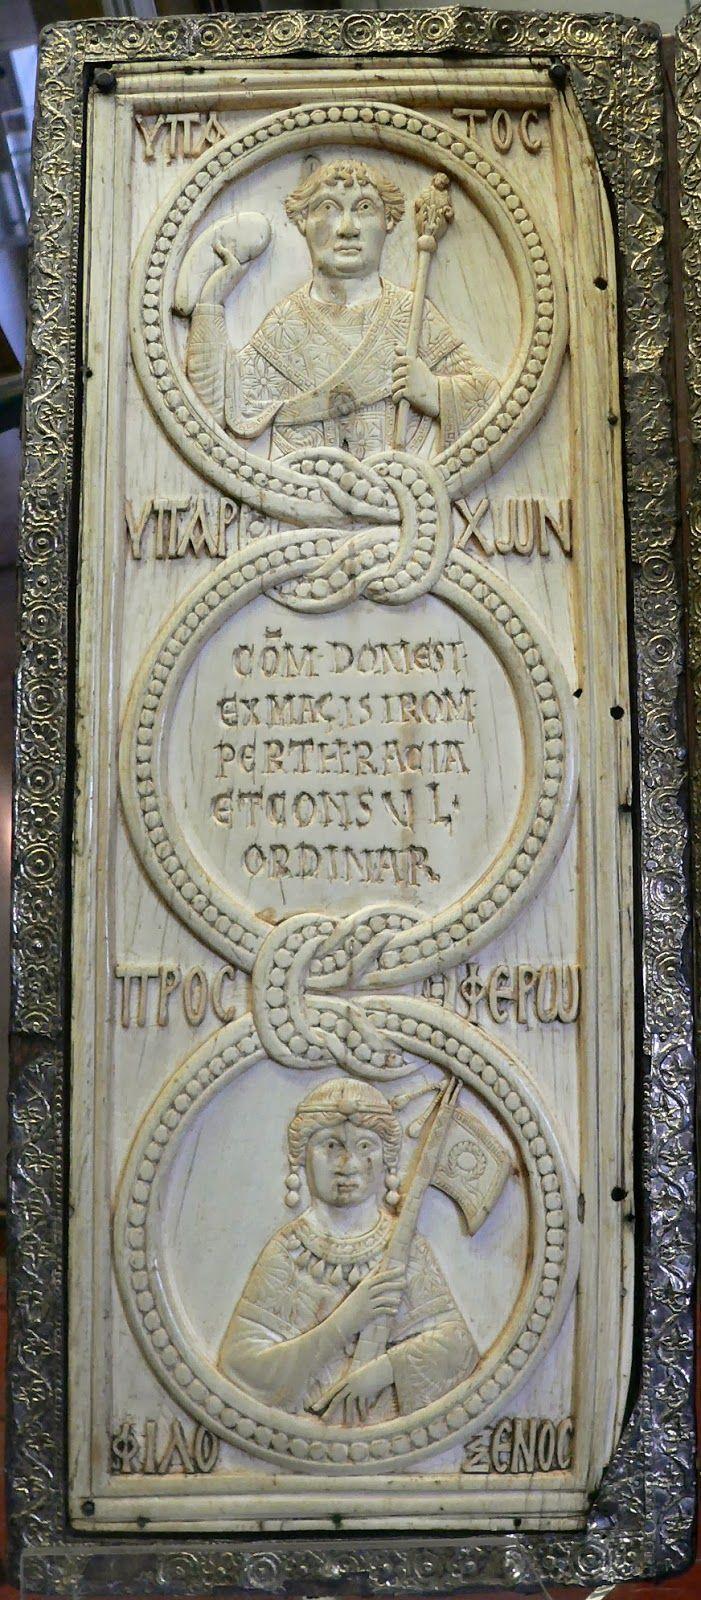 Το βυζαντινό υπατικό δίπτυχο του Φλάβιου Θεοδώρου Φιλόξενου.http://leipsanothiki.blogspot.be/